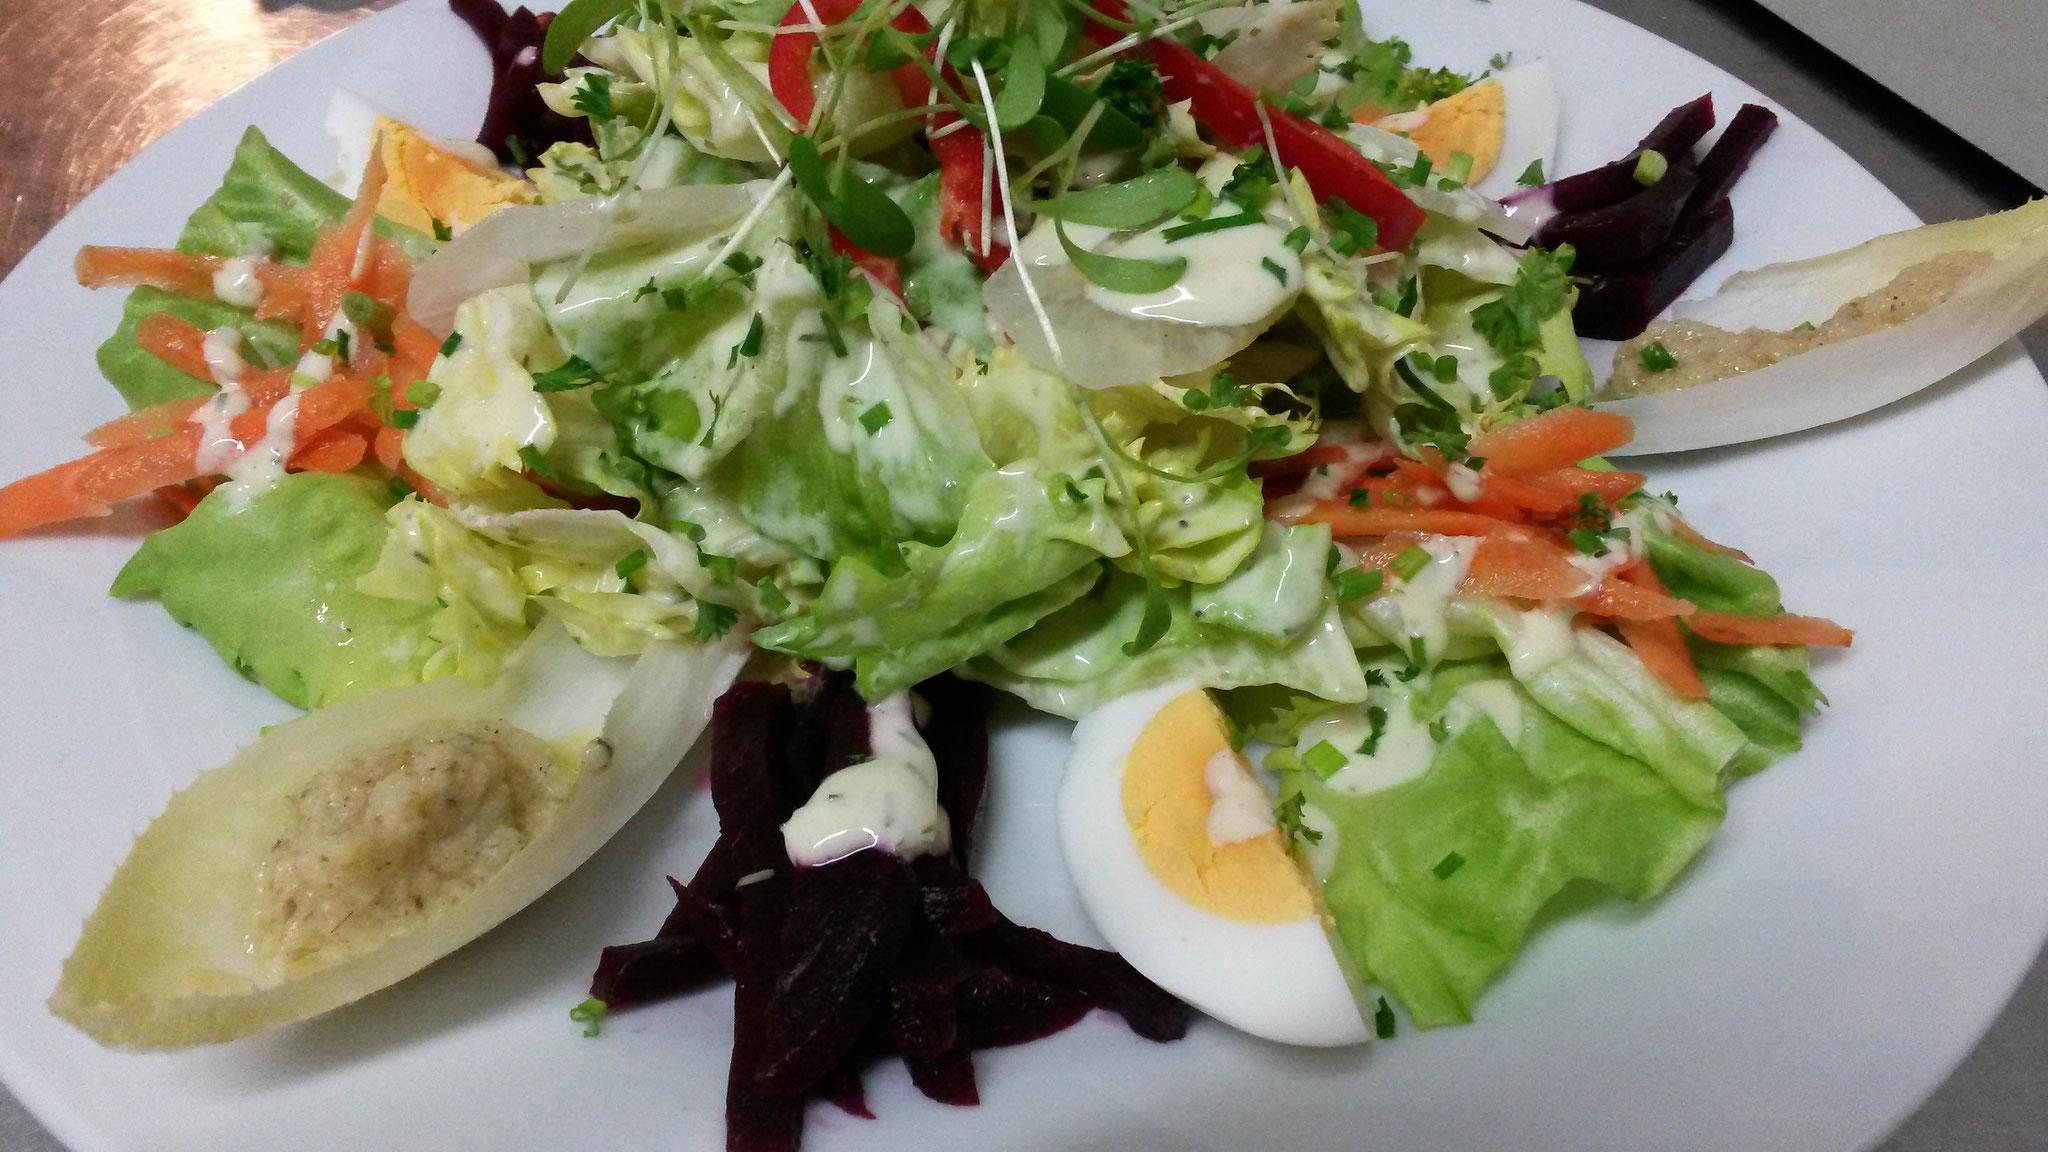 Beispiel für moderne Landküche:  Bunter Salat mit Kartoffelvinaigrette